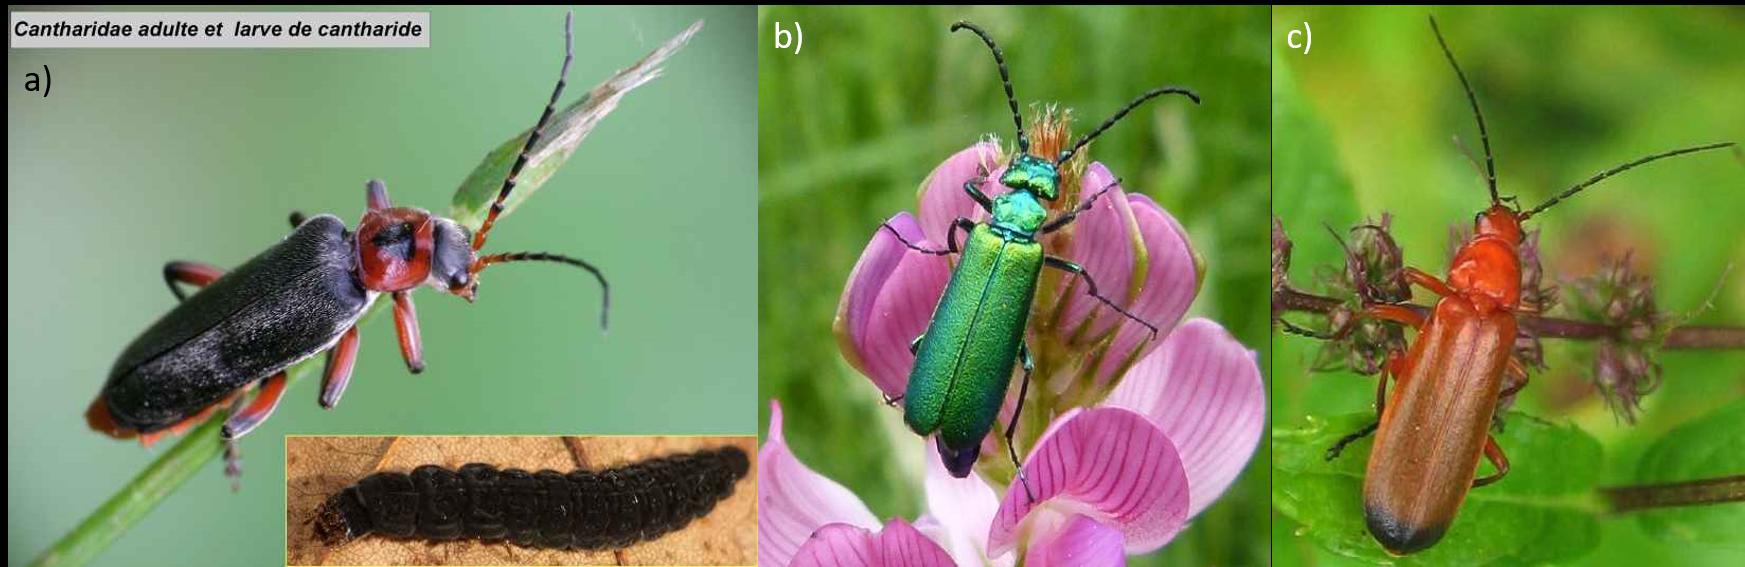 a) Cantharis rustica et sa larve (montage-photo P.Falatico) - autre larve de Cantharis sp. (© L.Loubier), b) Lytta vesicatoria de la famille des Méloïdes (© J.M.Desjacquot, Tarentaise, 700 m), c) Rhagonycha fulva aux extrémités noires des élytres (© P. Legros).